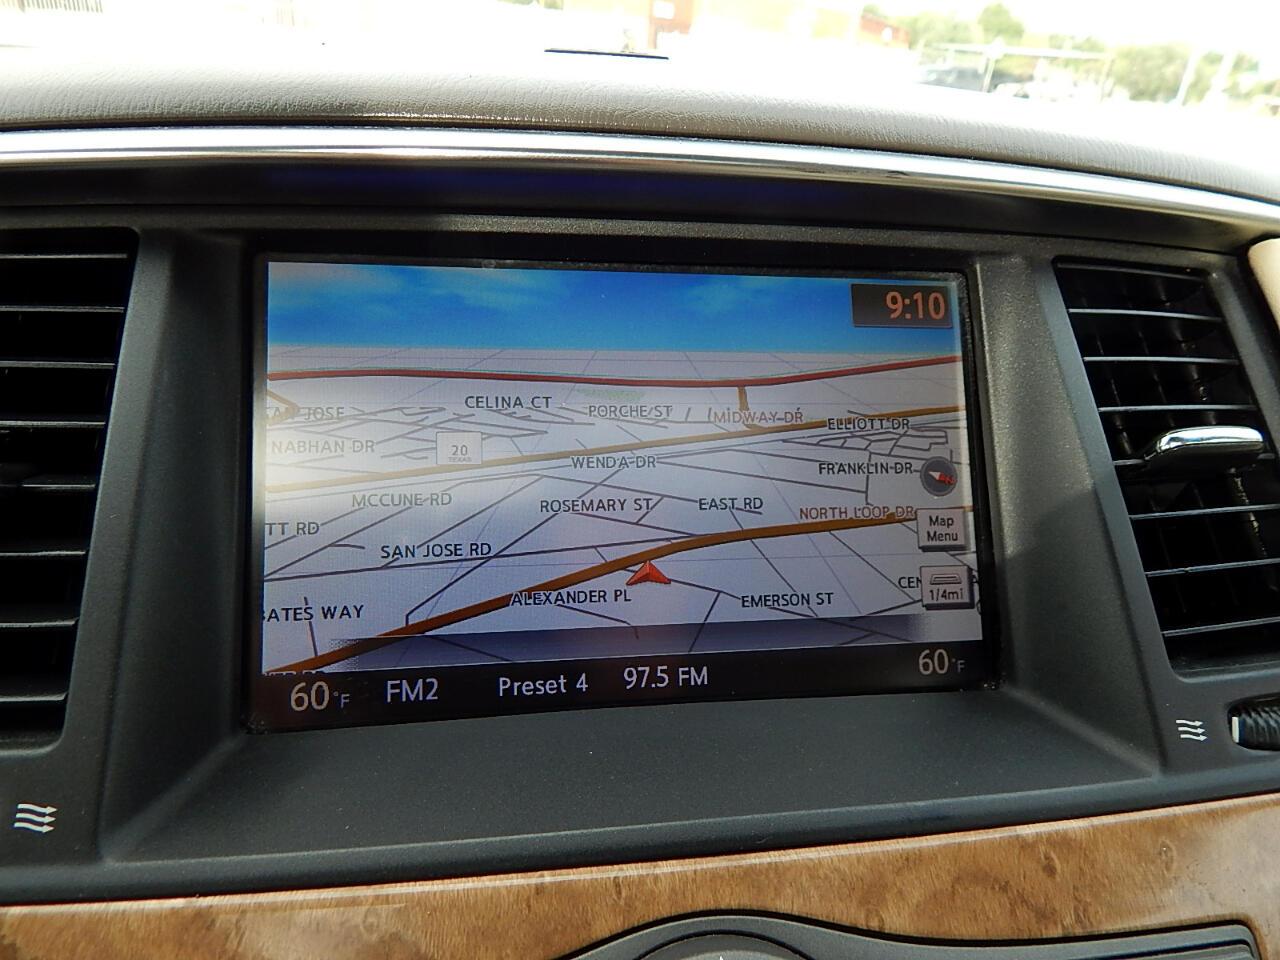 2011 Infiniti QX56 2WD